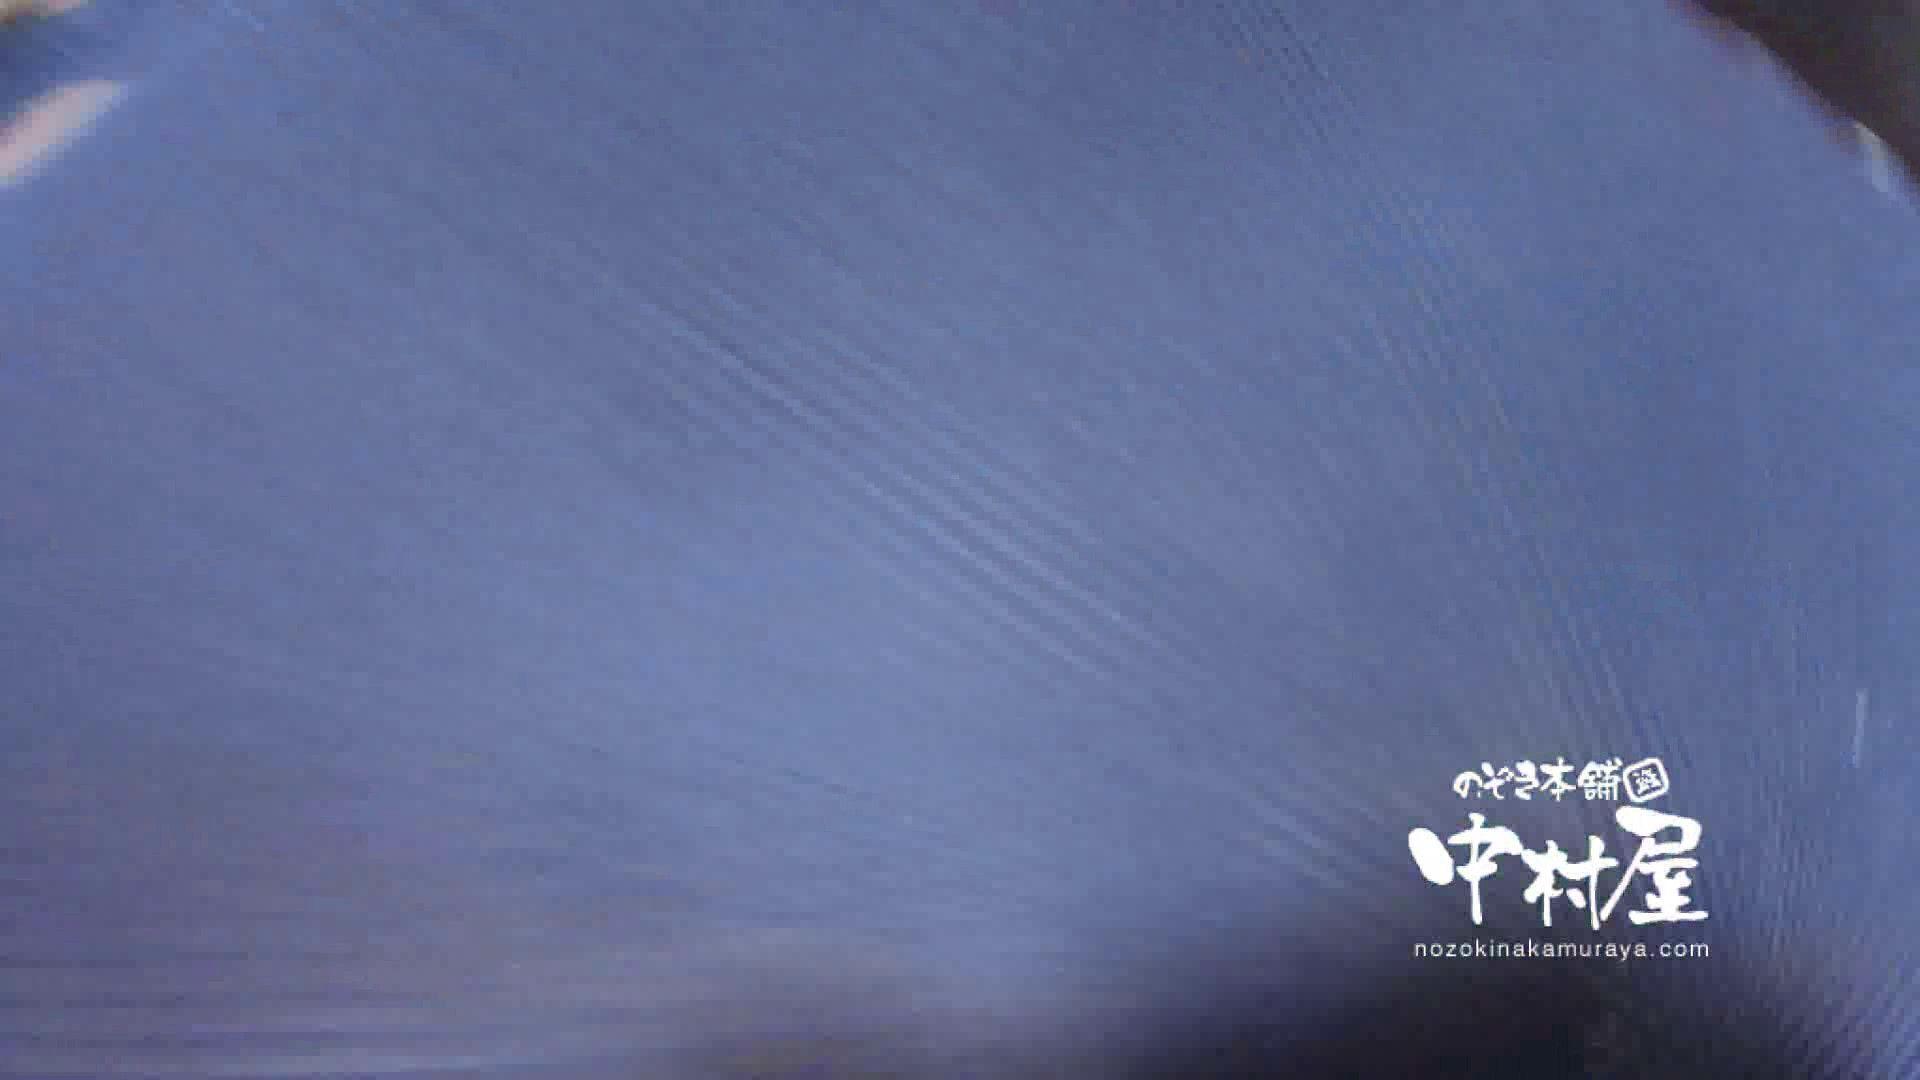 鬼畜 vol.14 小生意気なおなごにはペナルティー 後編 鬼畜   OLセックス  51画像 31